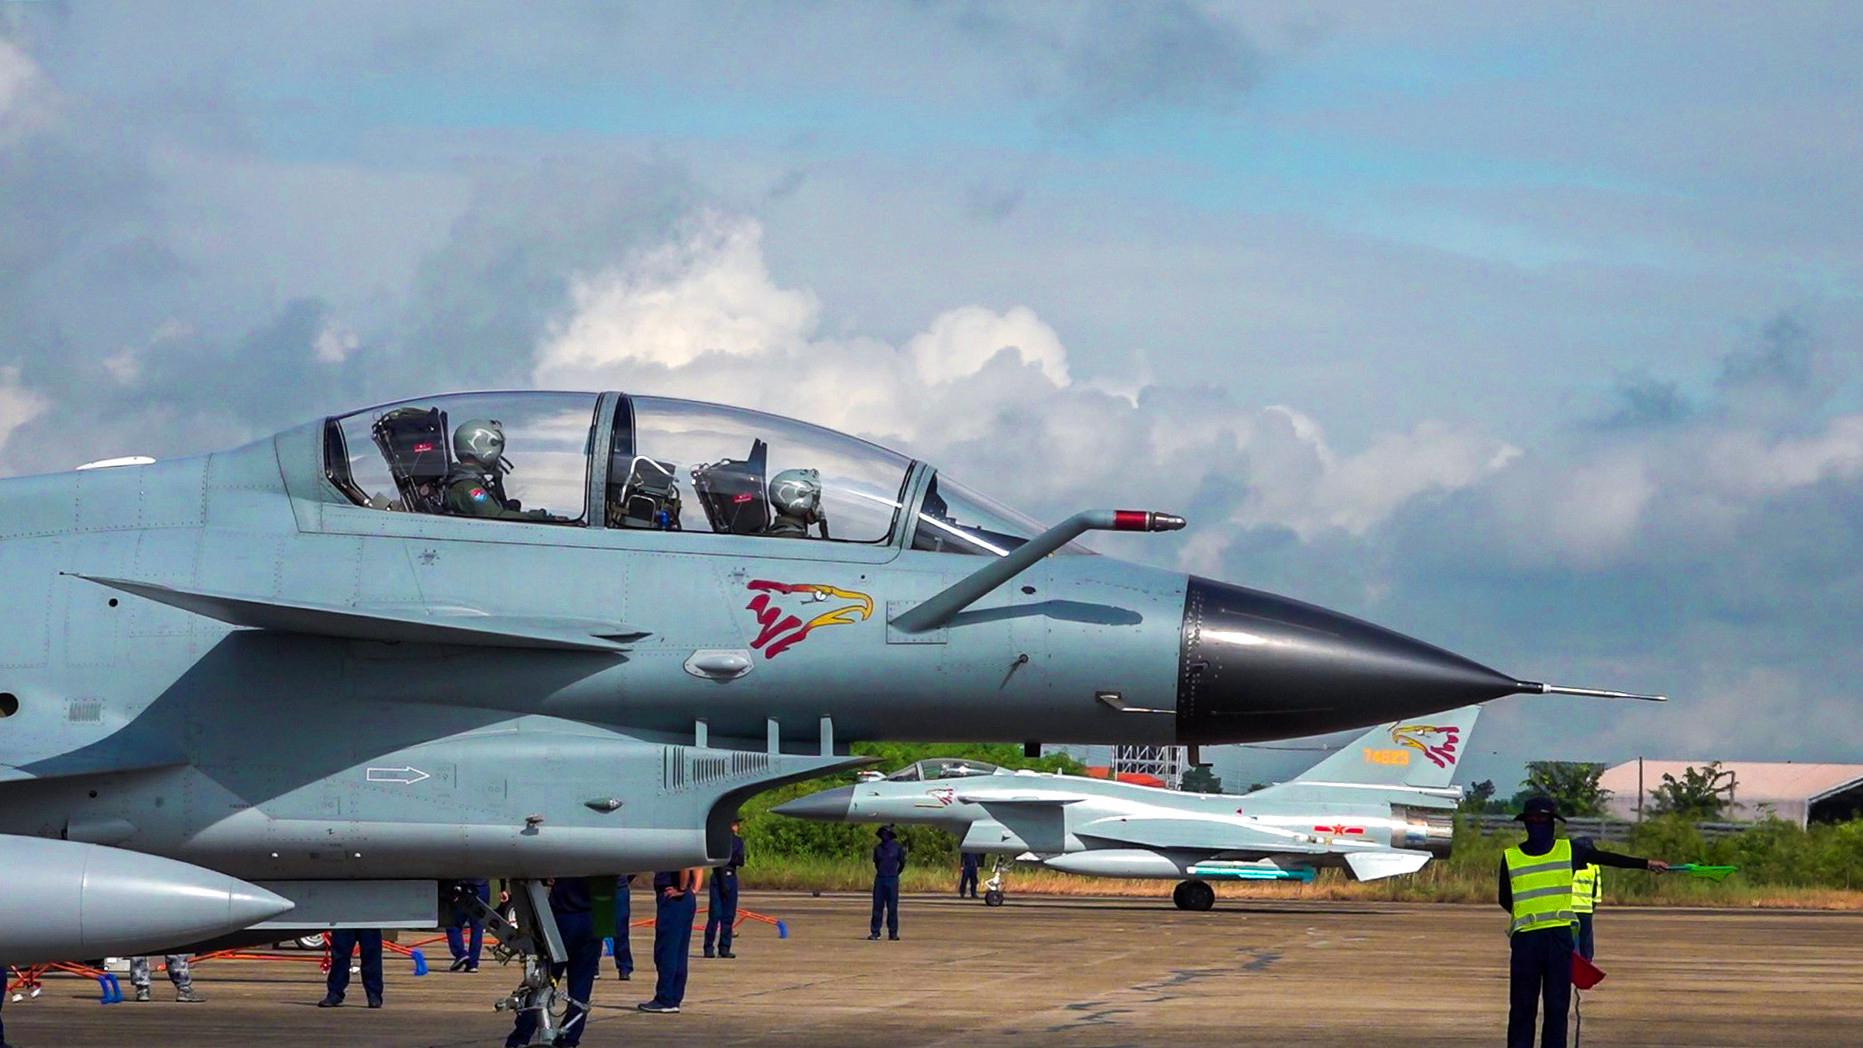 大红鹰迎战泰国鹰狮,这次又是泰国赢了?我空军的官宣简单明了